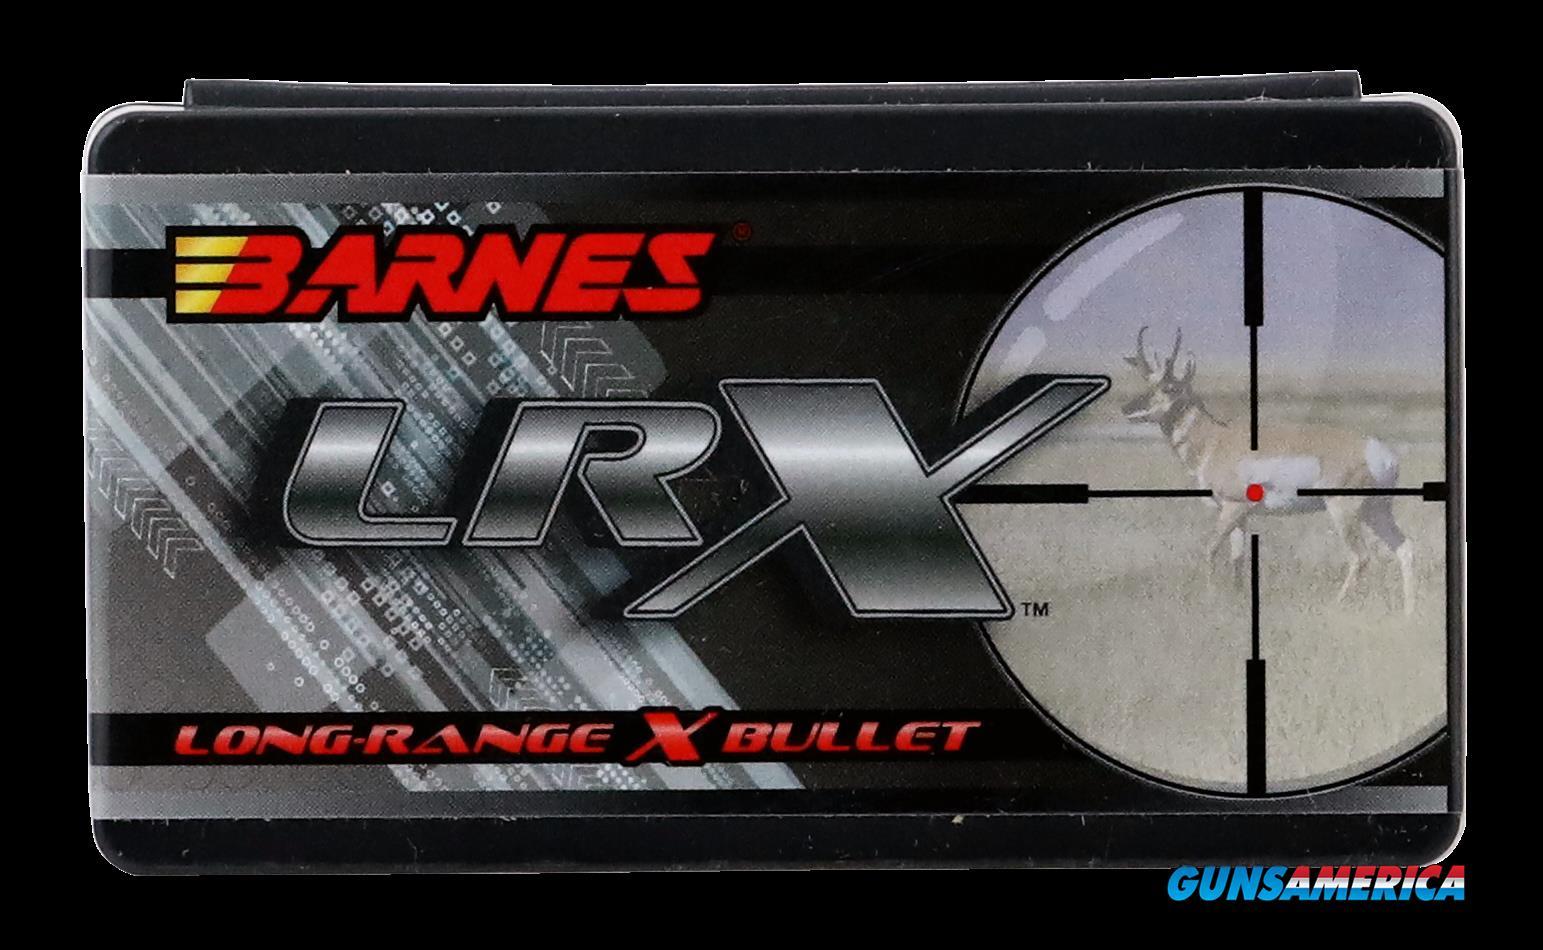 Barnes Bullets Lrx, Brns 30295 .284 139 Lrxbt           50  Guns > Pistols > 1911 Pistol Copies (non-Colt)